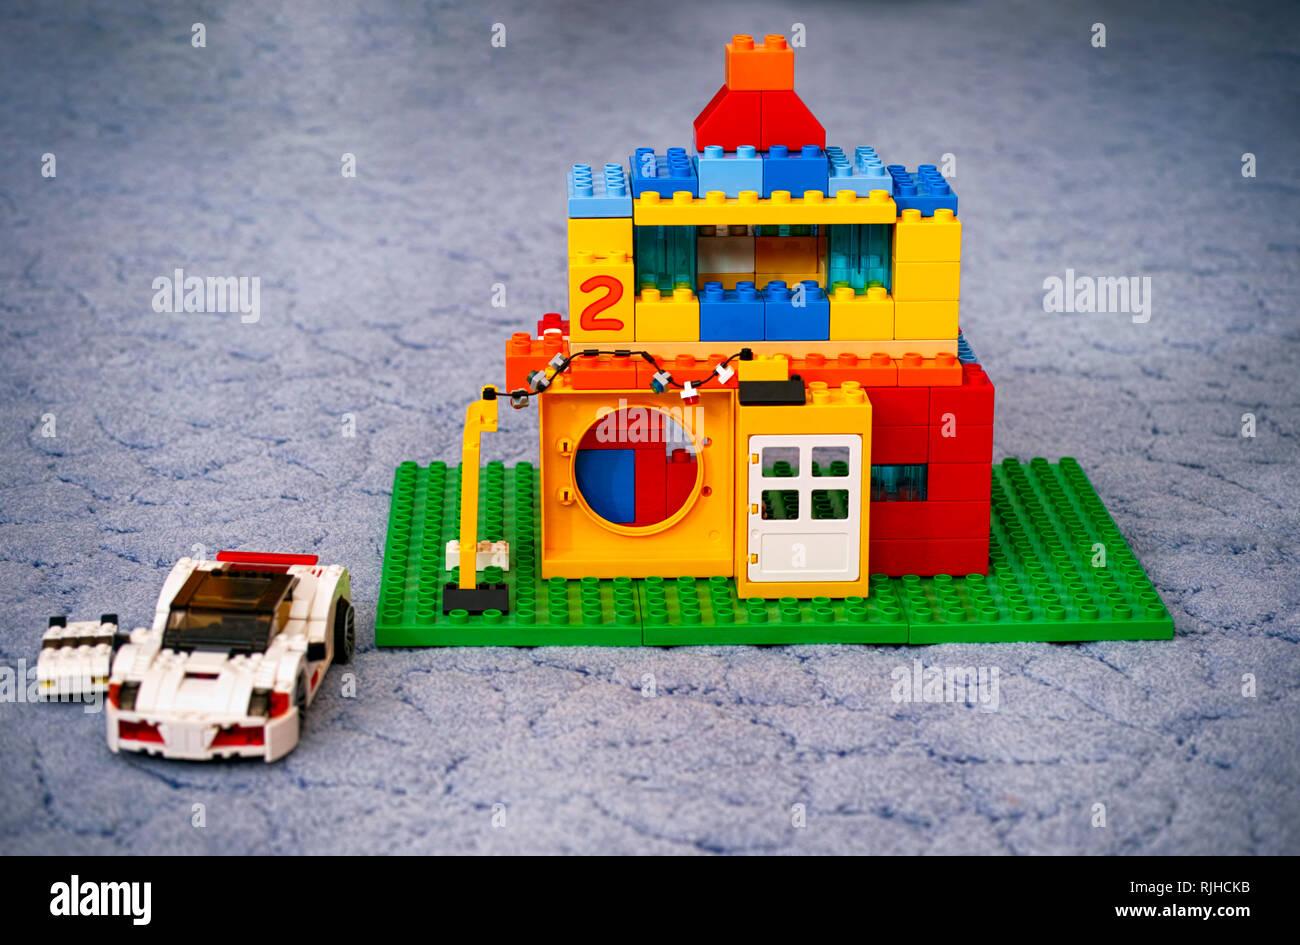 White Lego Duplo Toy Block Stock Photos White Lego Duplo Toy Block